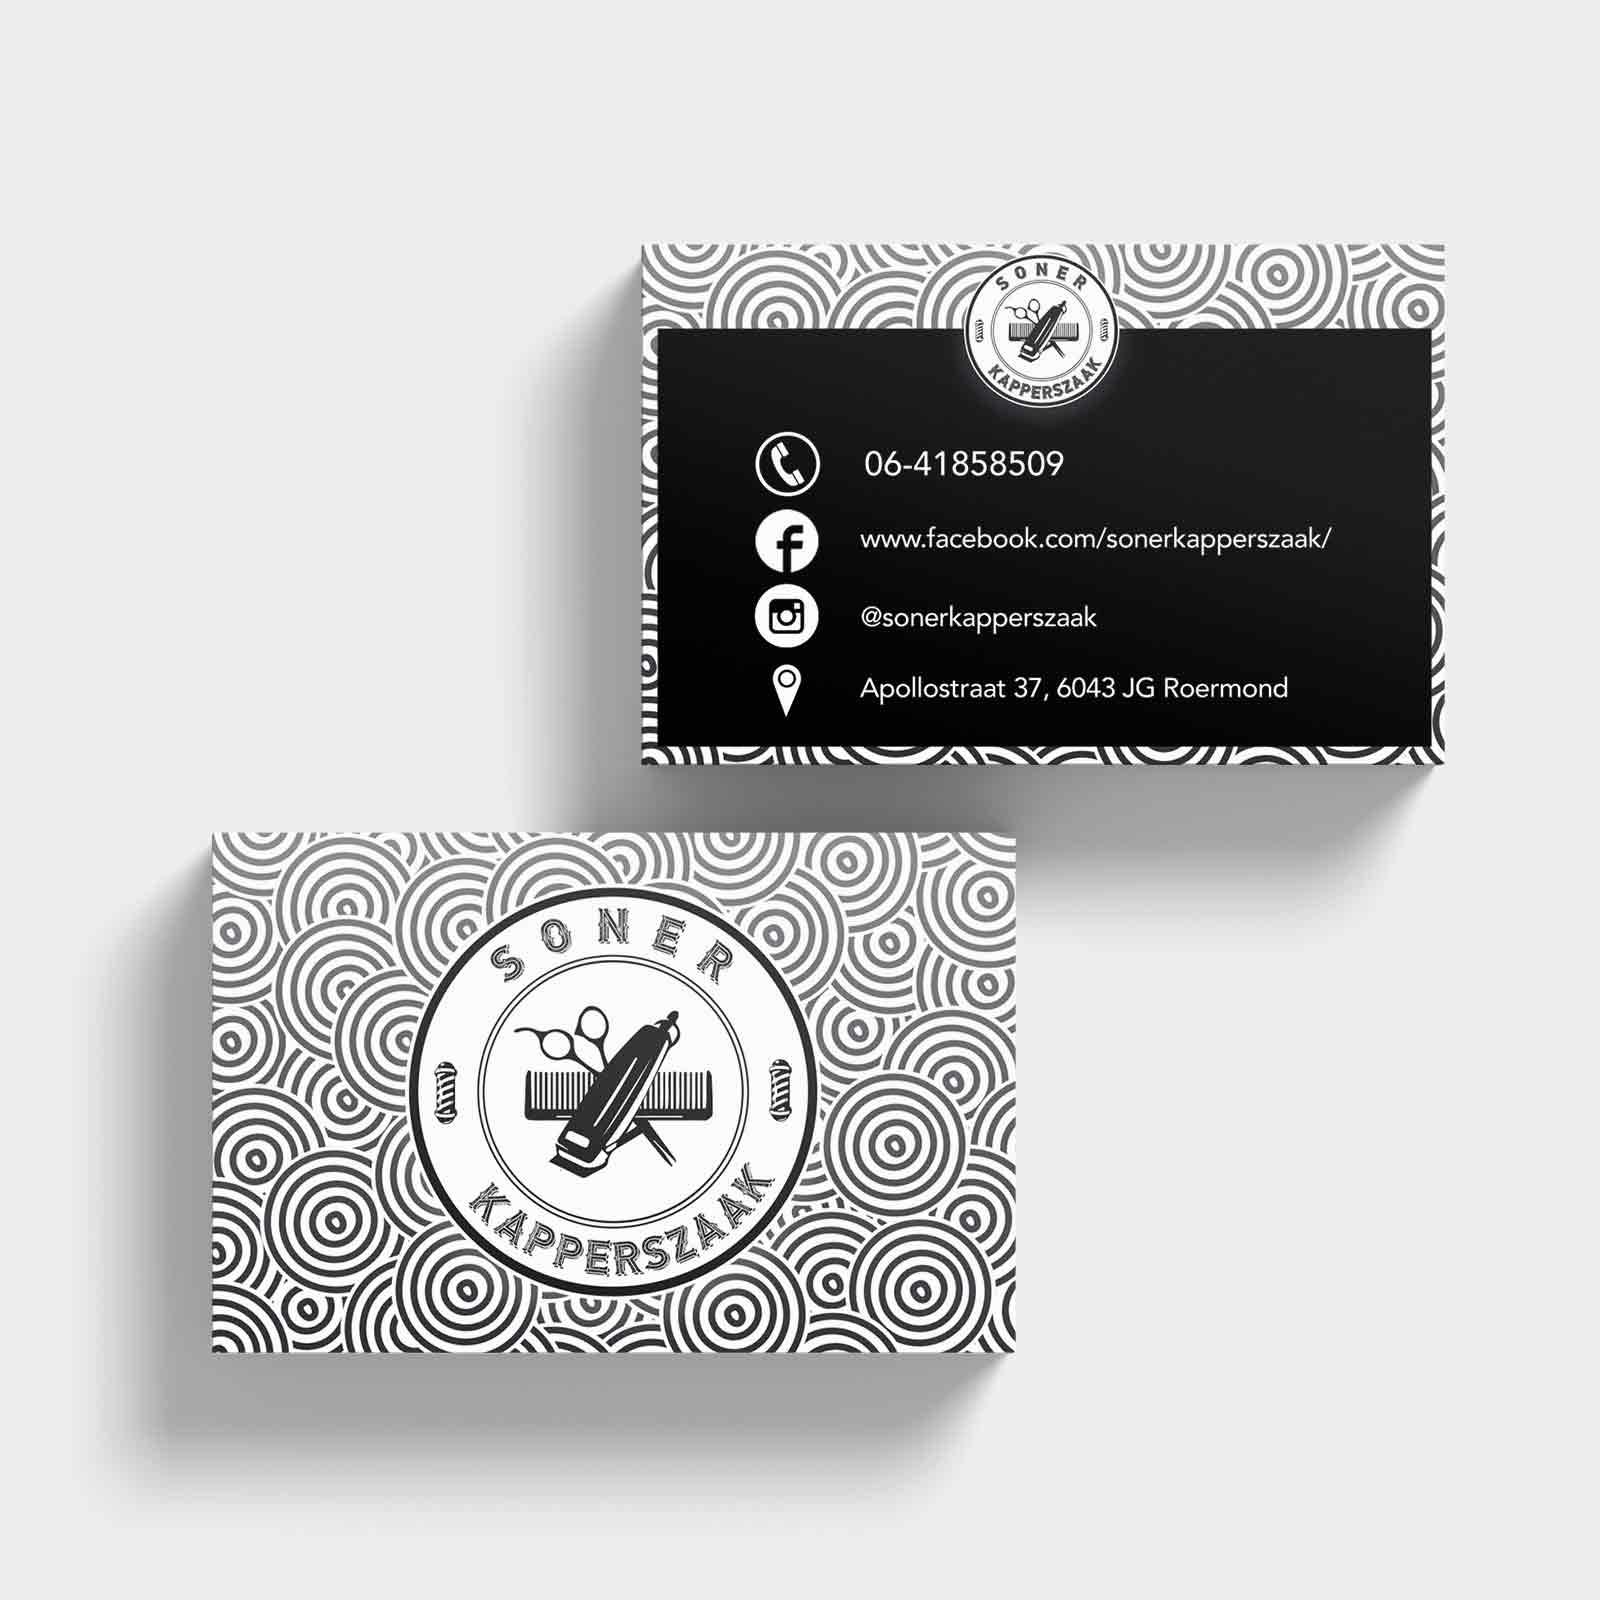 Soner Kapperszaal | DesignMyLogo